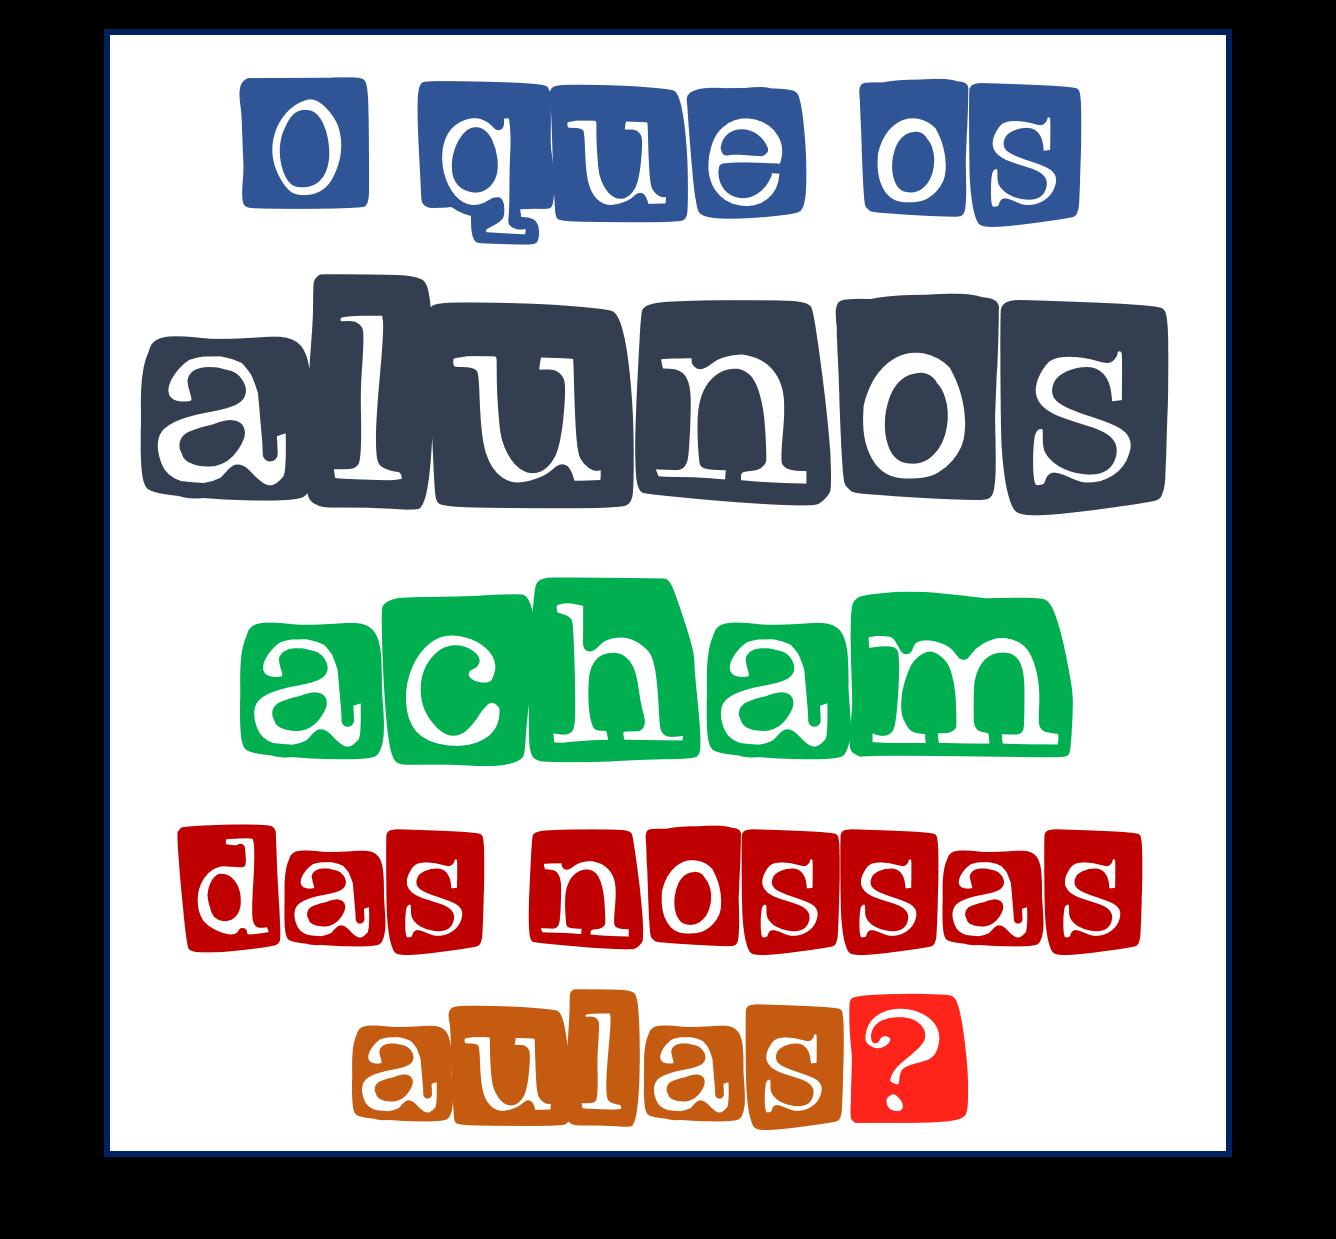 84f6be4fb5a Comentários dos alunos sobre as aulas do prof. Fabiano Abreu. Veja o que os  alunos estão achando das nossas aulas